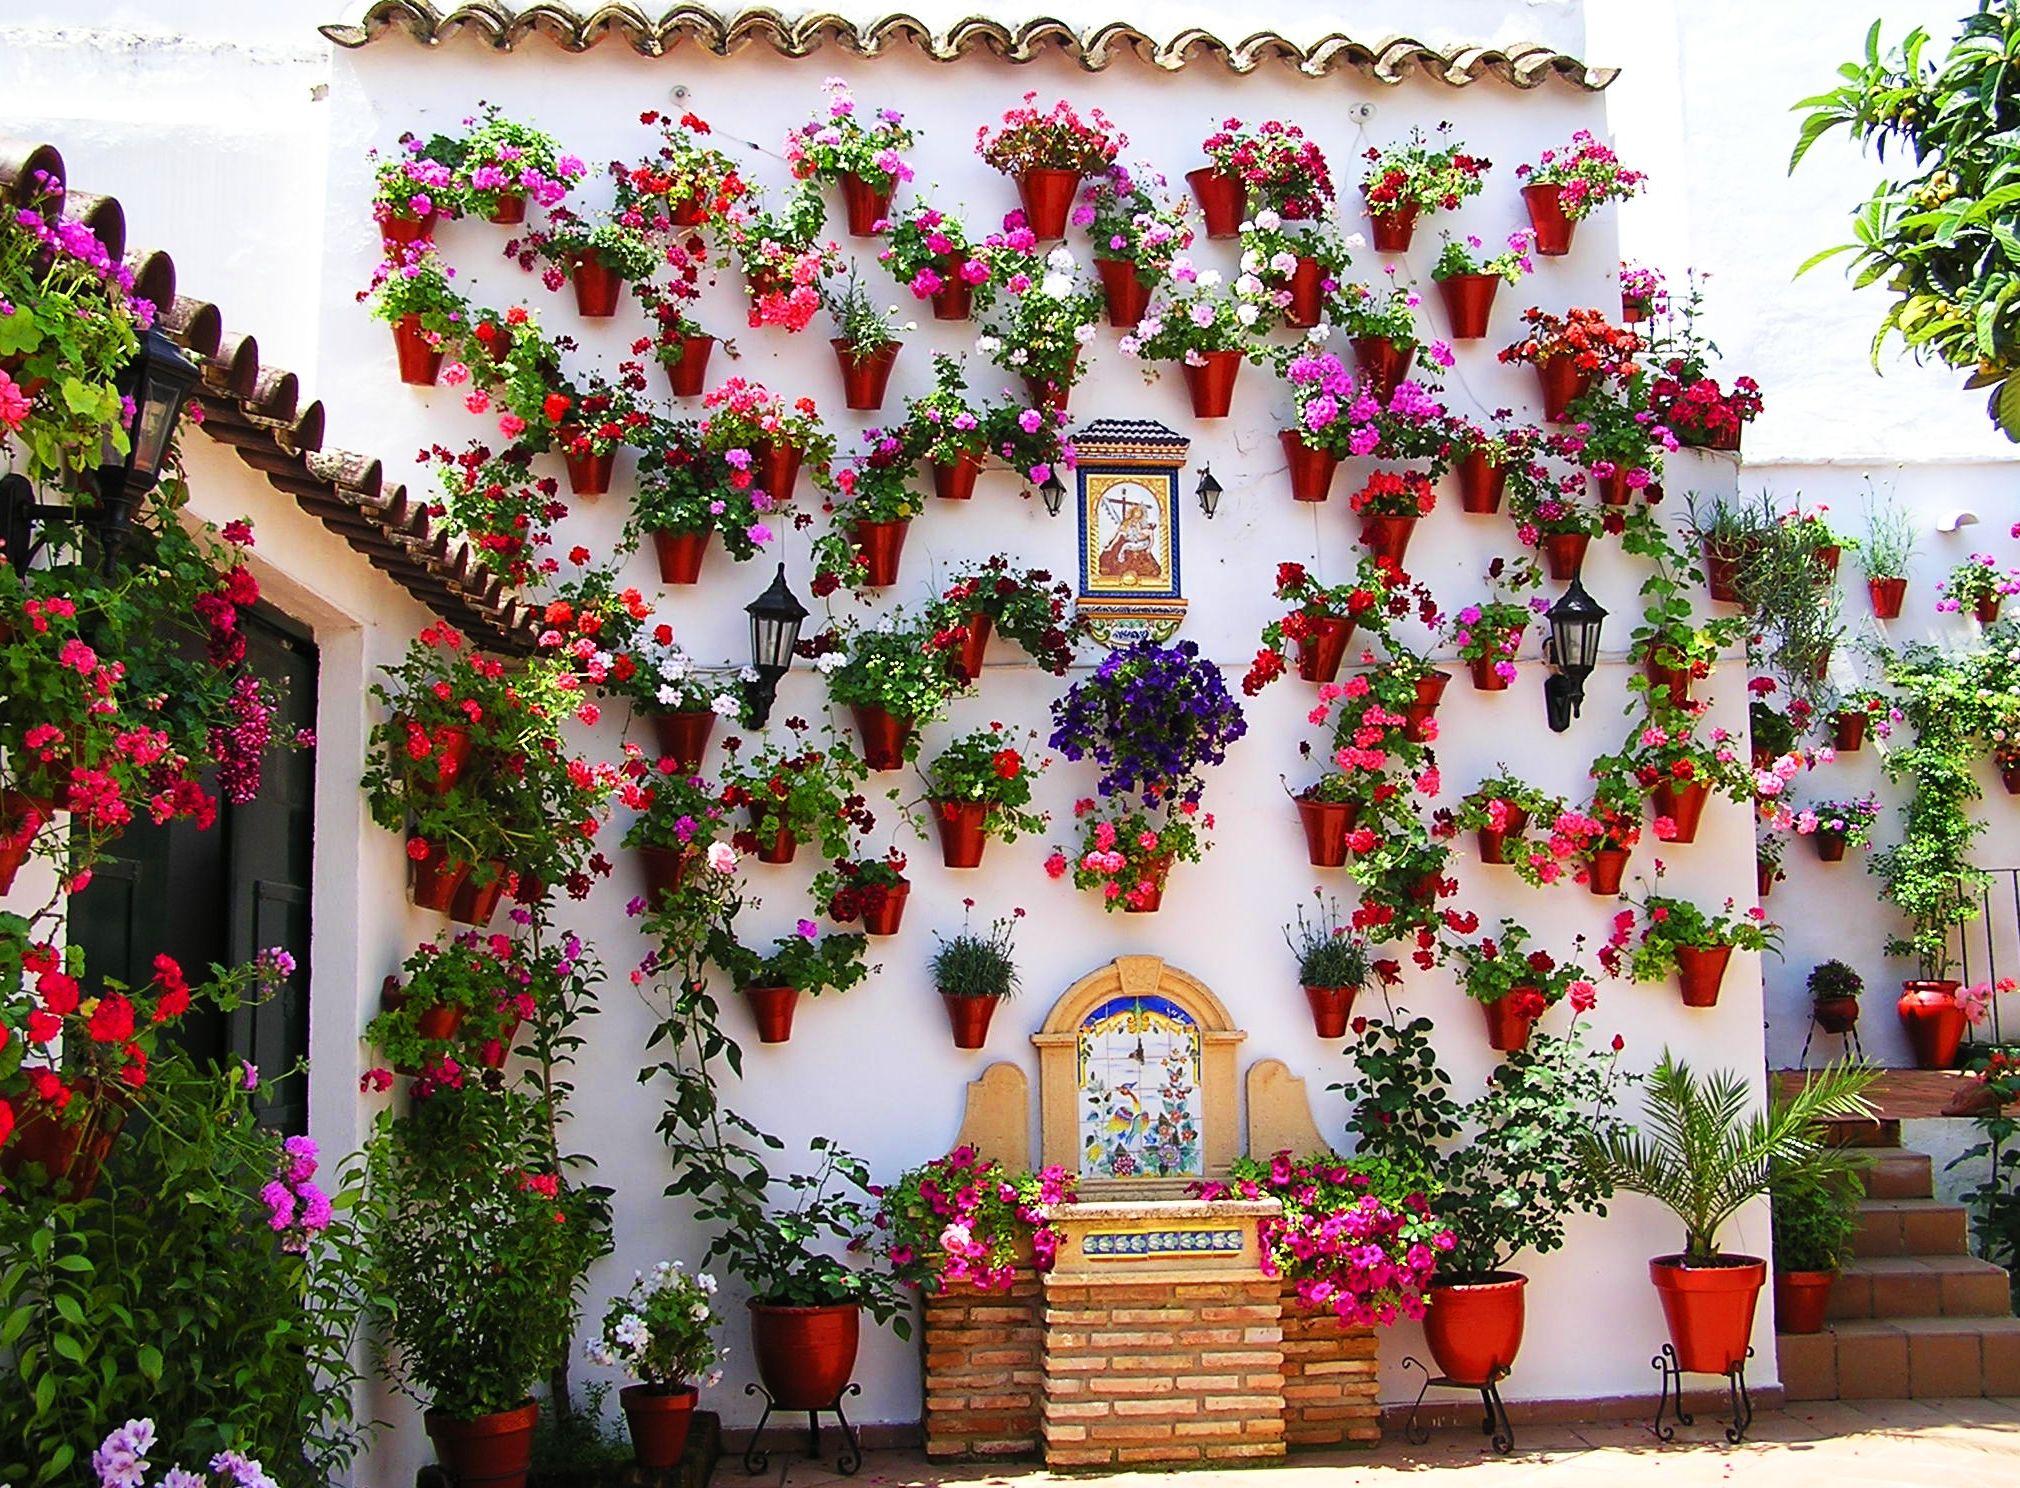 De los patios cordobeses a los jardines verticales | Meollo ...